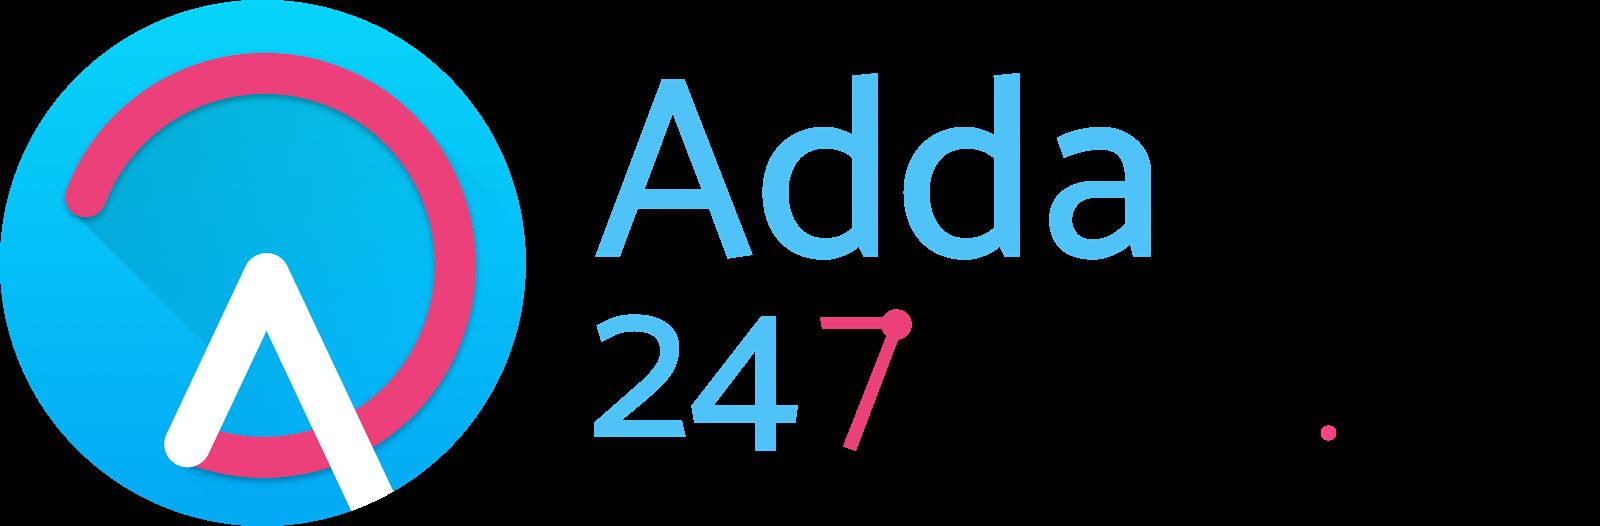 addaa247forum.com